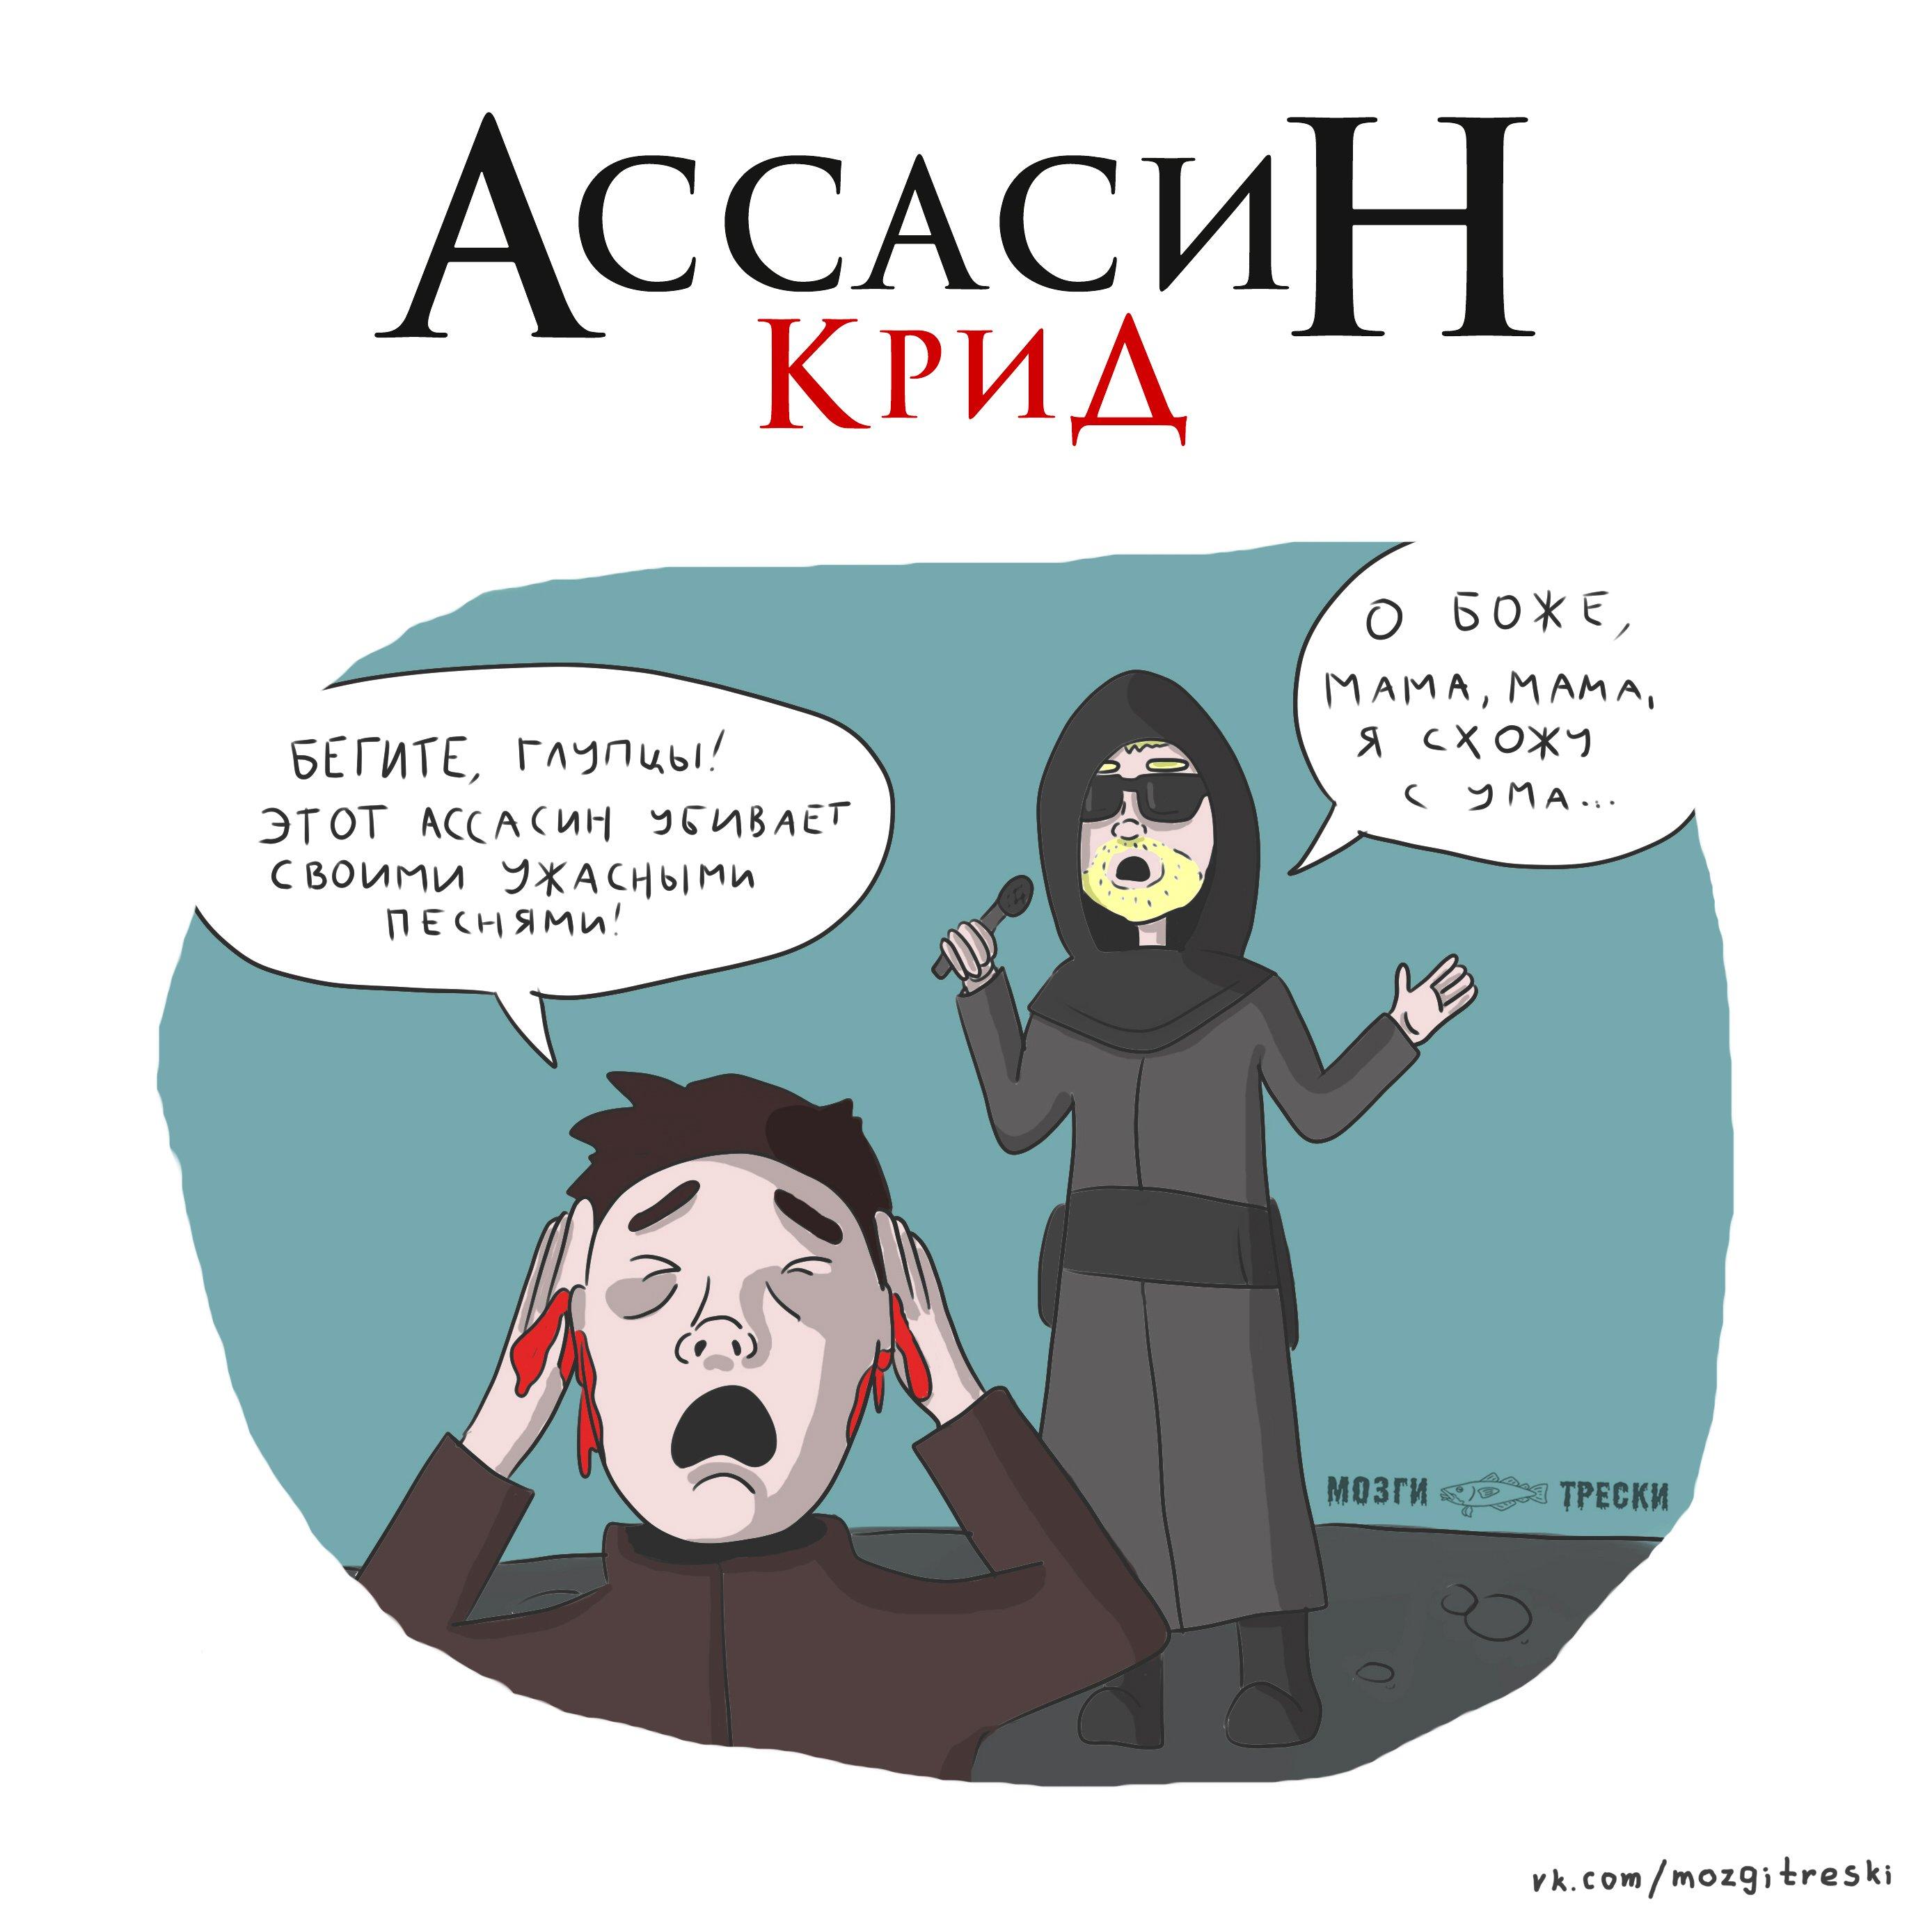 Названия известных игр по-русски. - Изображение 1